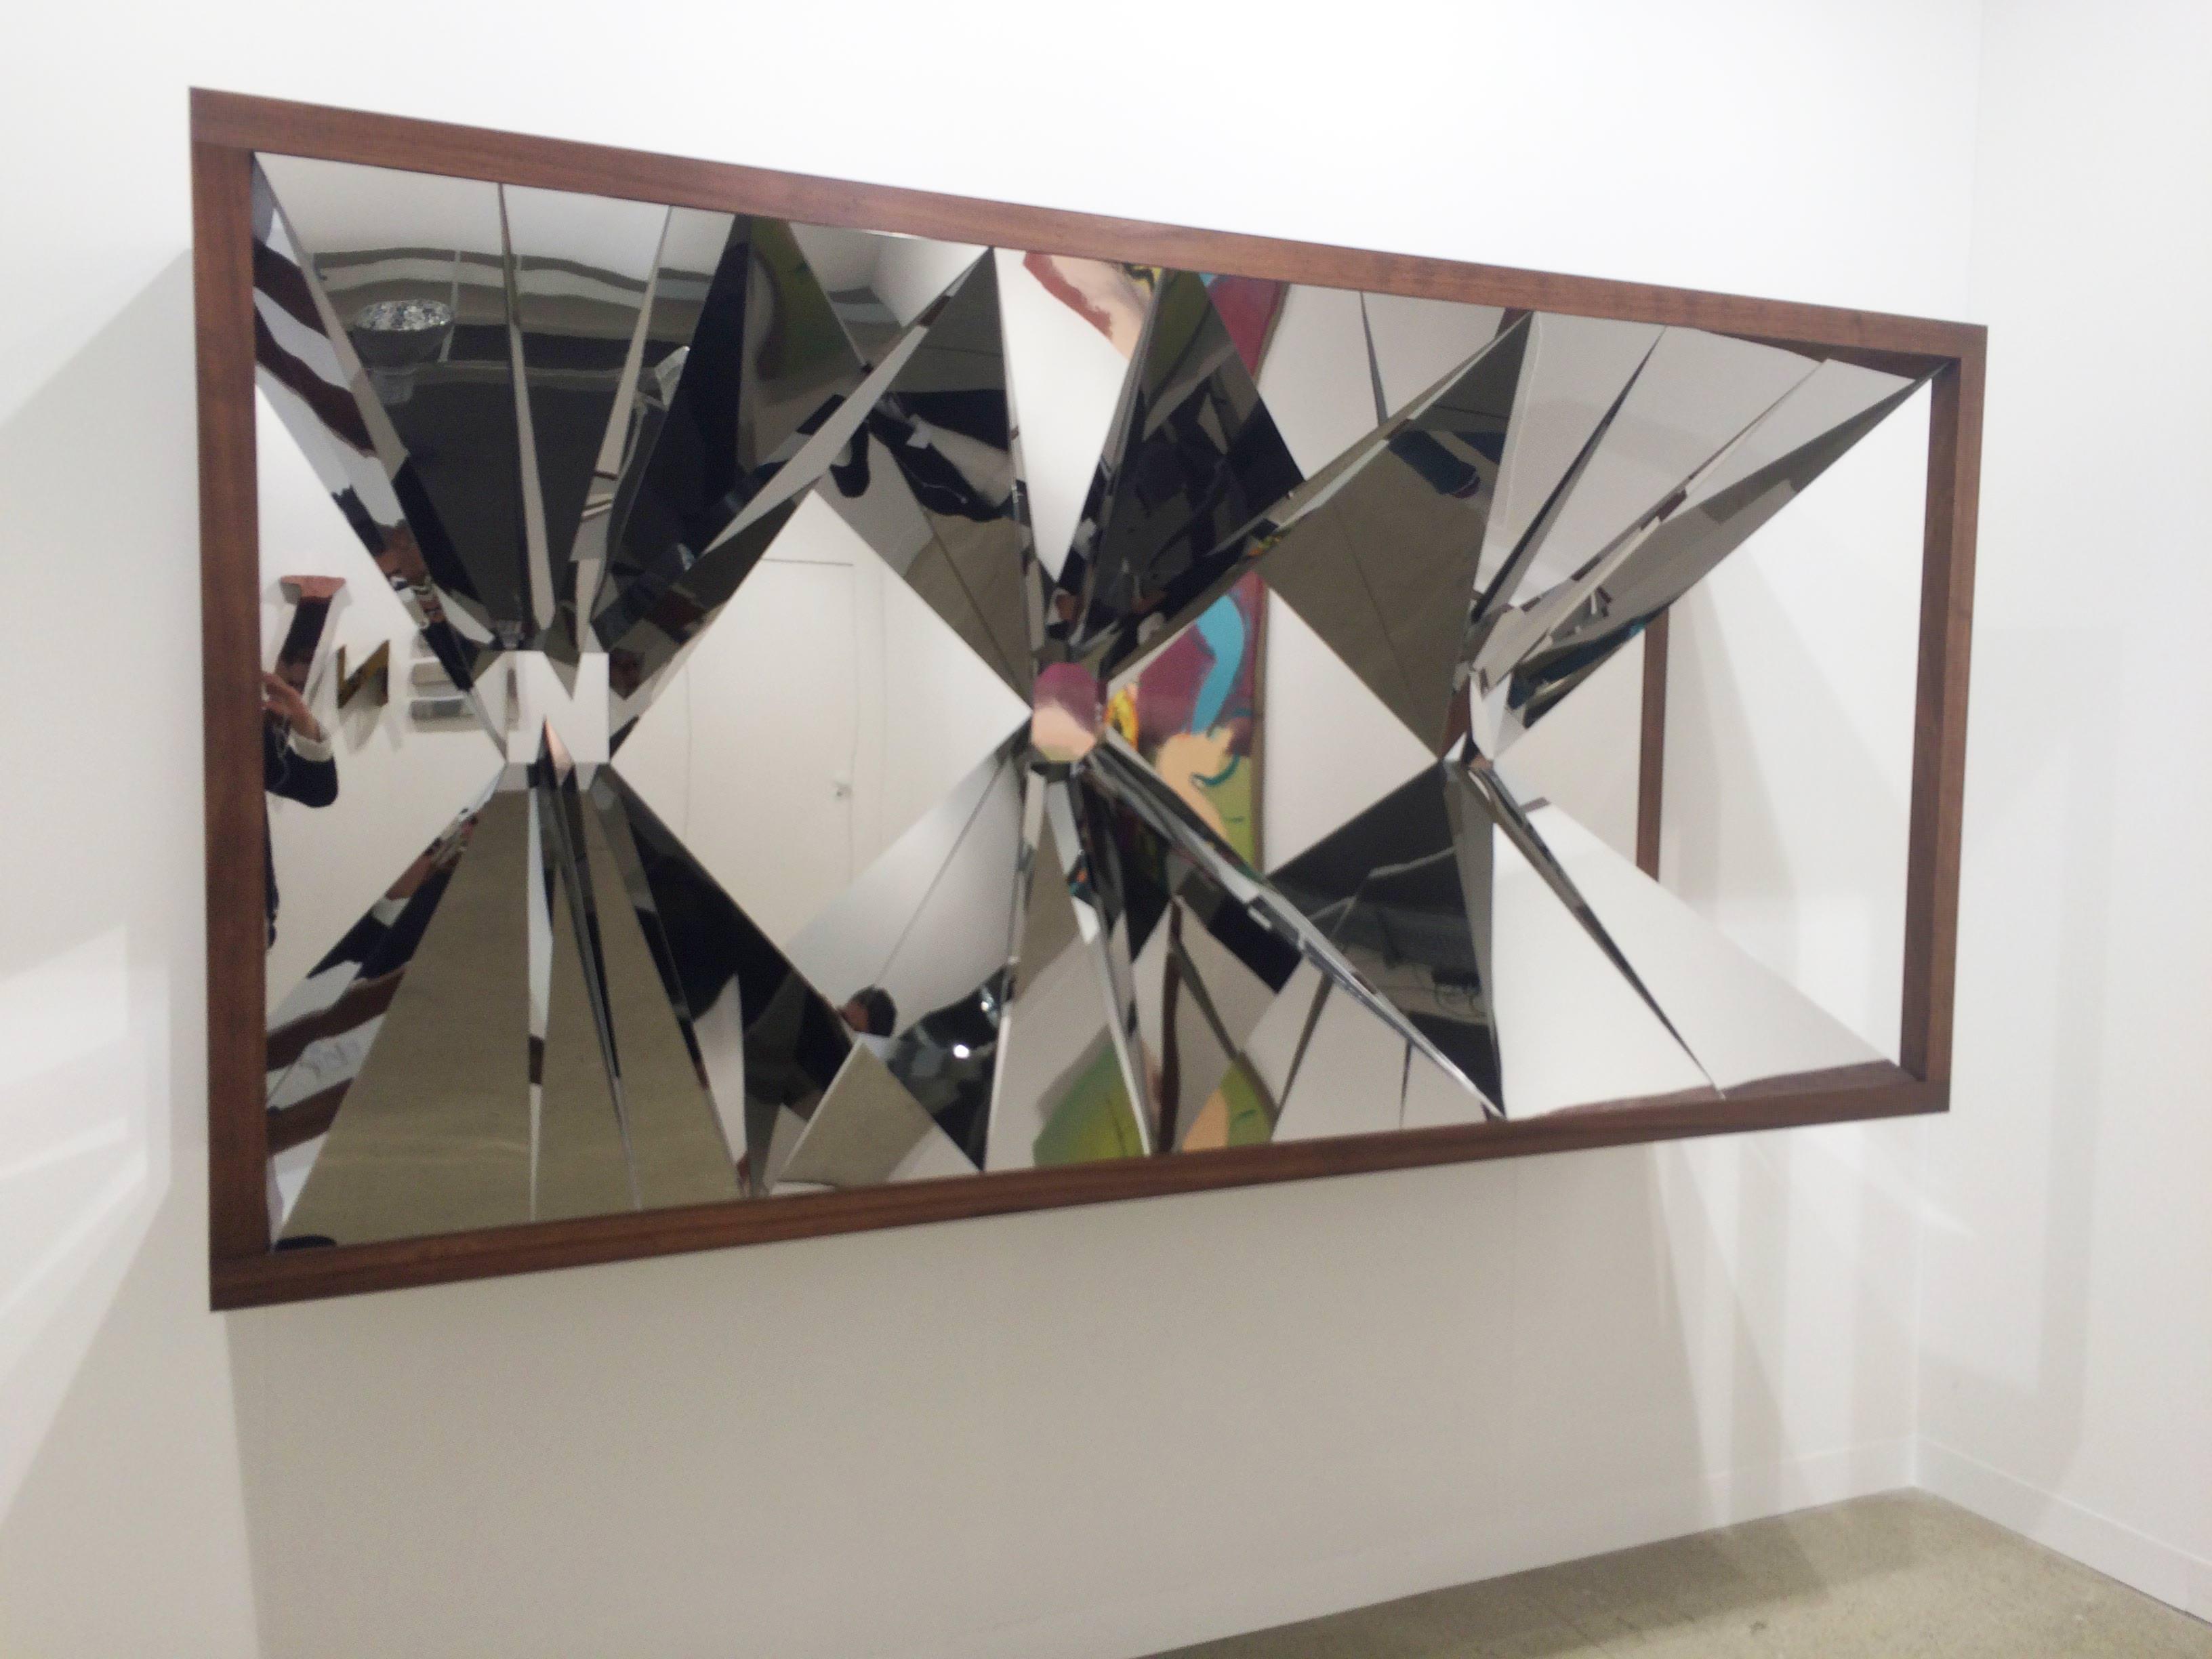 Doug Aitken sur le stand de Regen Projects  Now (dark wood)[2016], bois etacier inoxydable poli, 114 x 231,8 x 67 cm.